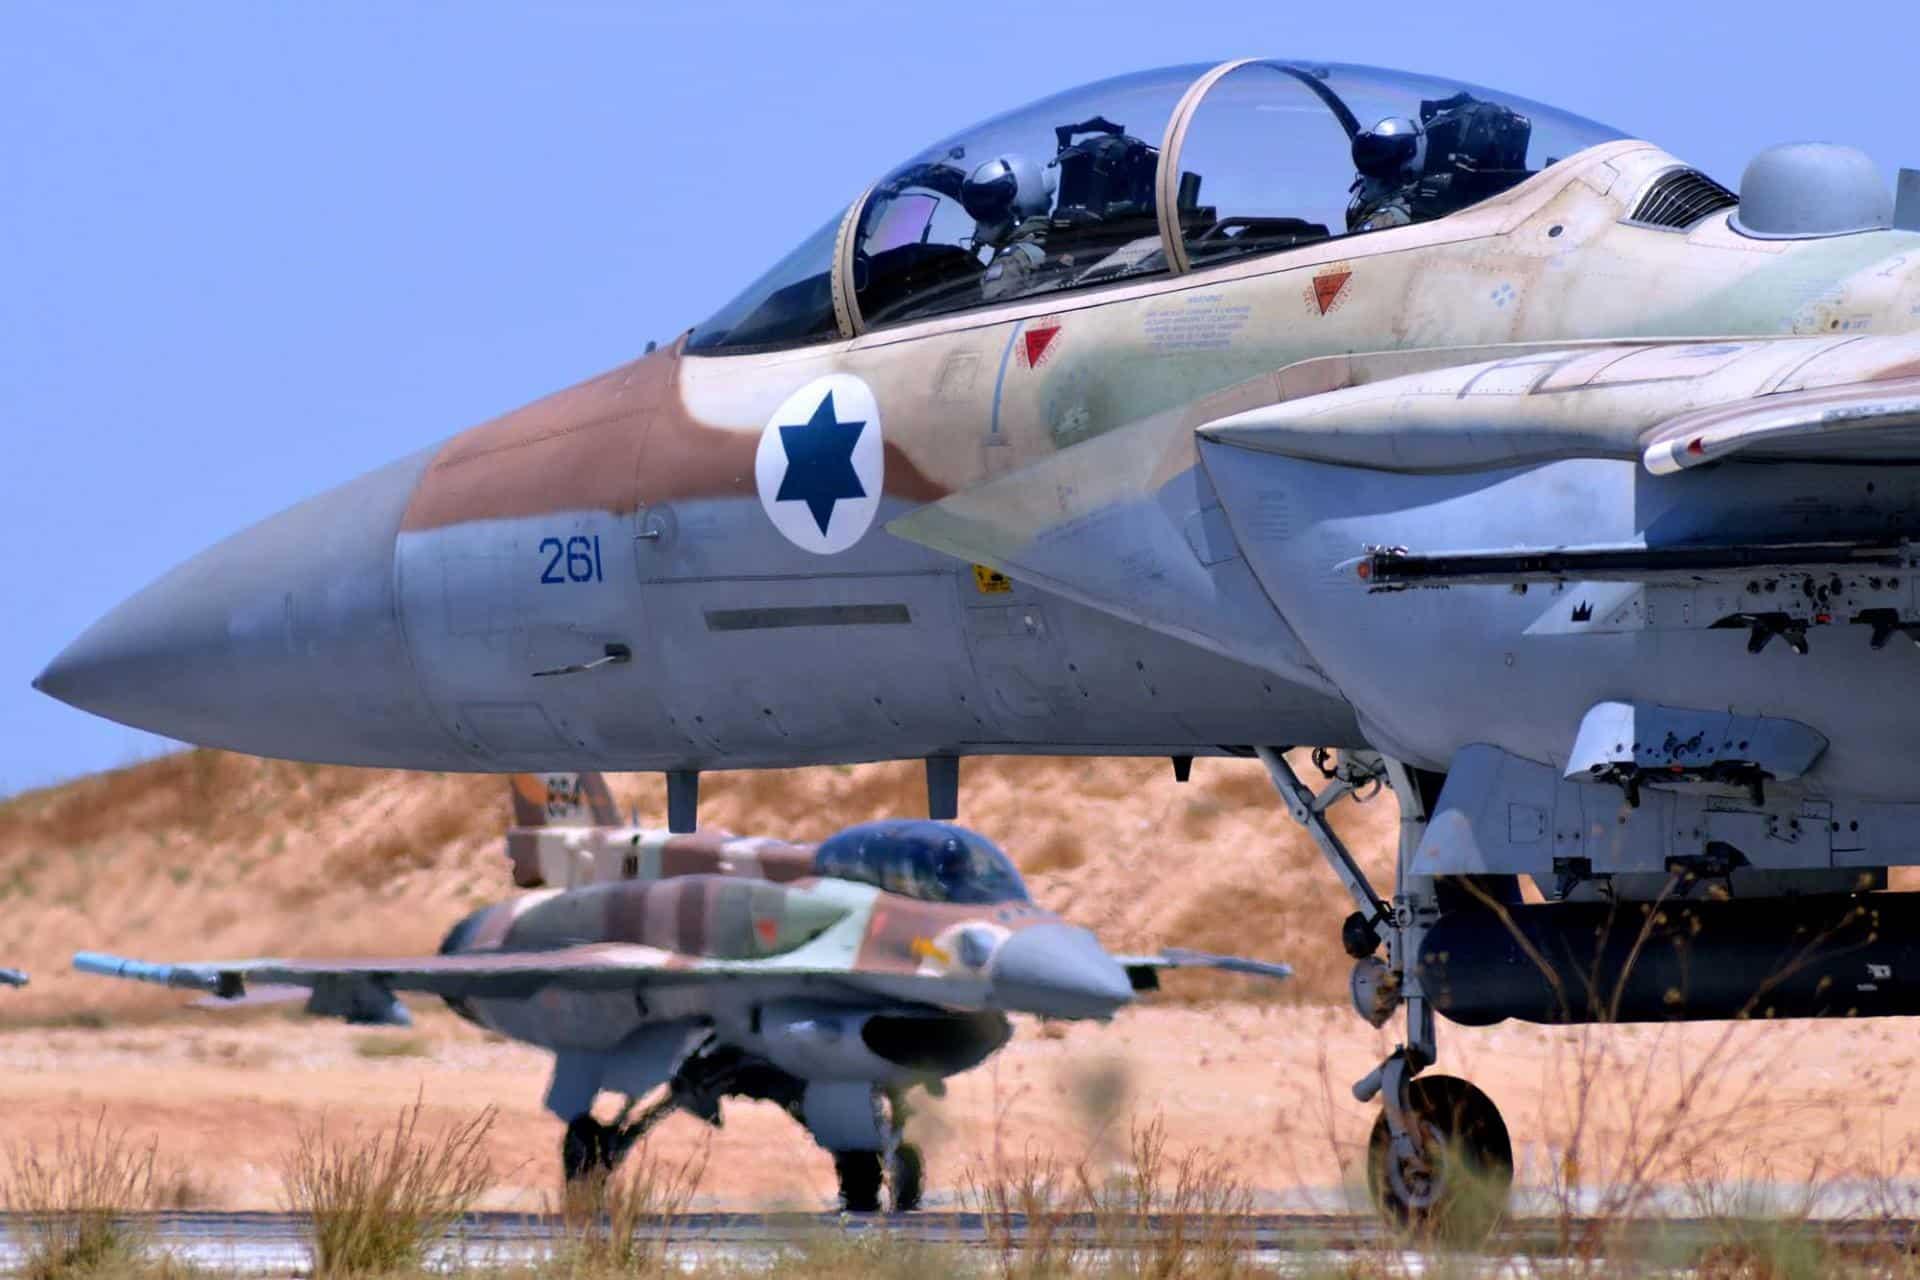 إسرائيل تشنّ أول هجوم على غزة منذ وقف إطلاق النار لهدف معين